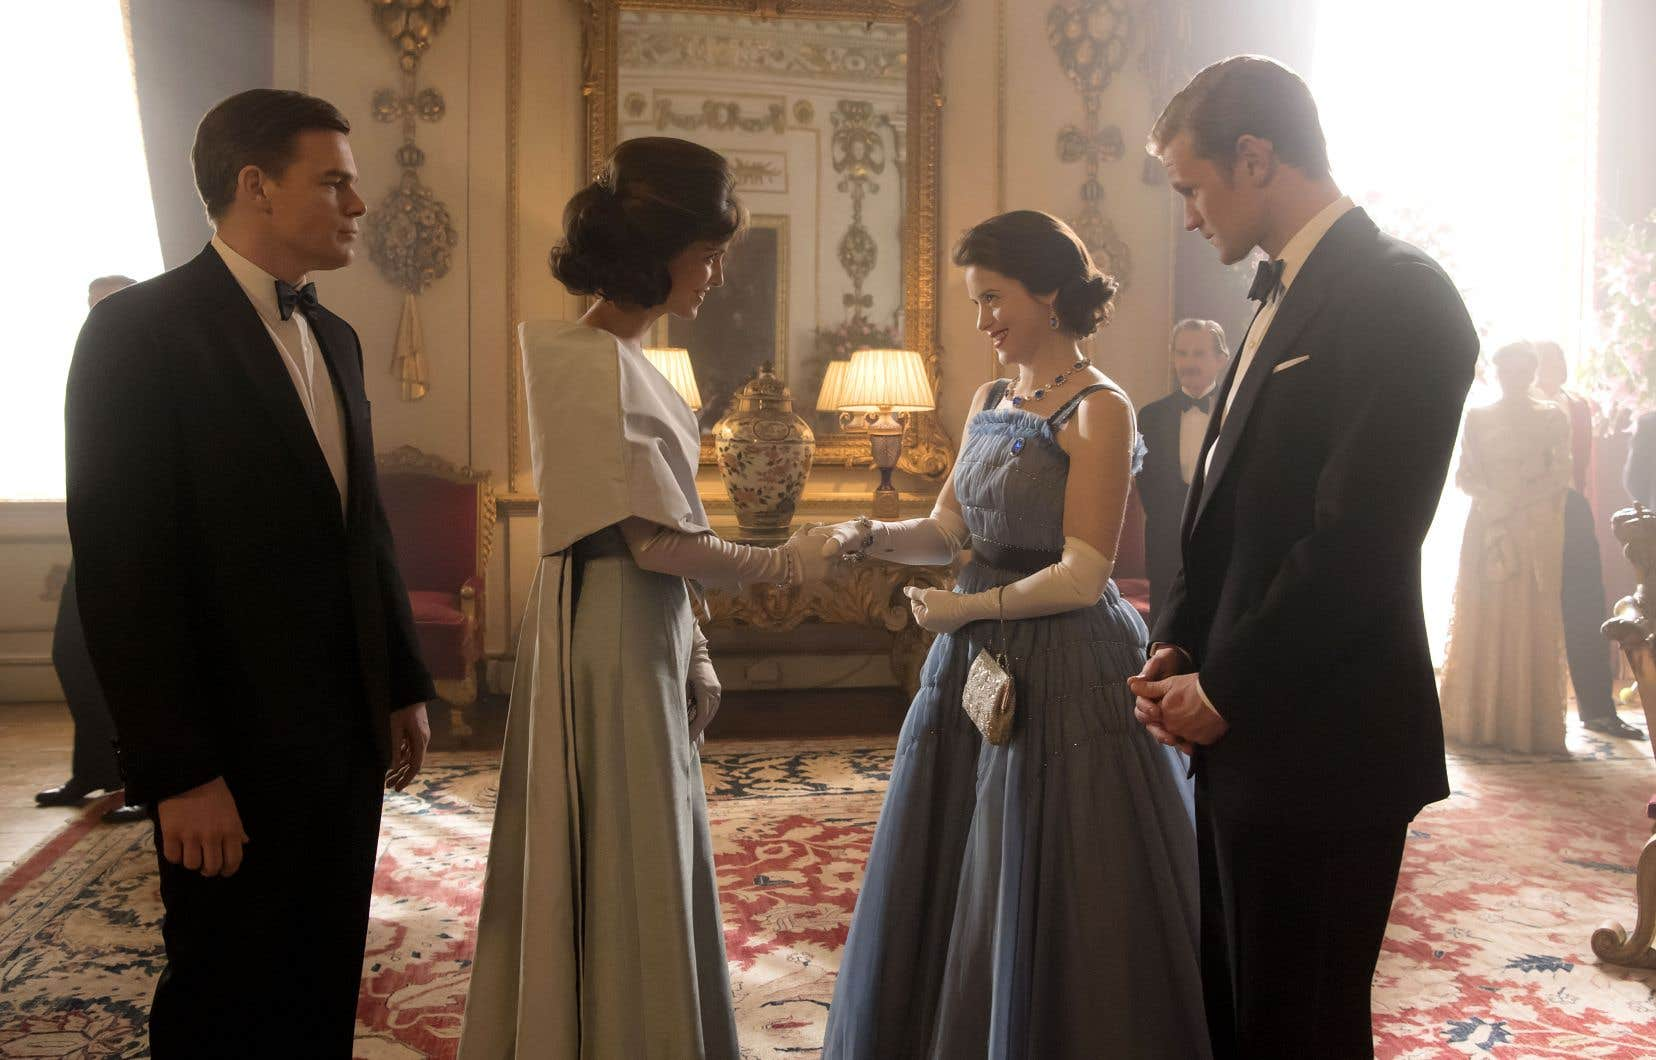 Le regard que portent sur la reine Jackie (Jodi Balfour) et John F. Kennedy (Michael C. Hall, à gauche), aussi dépeints sans pitié dans «The Crown 2», se révèle plus moqueur que respectueux.